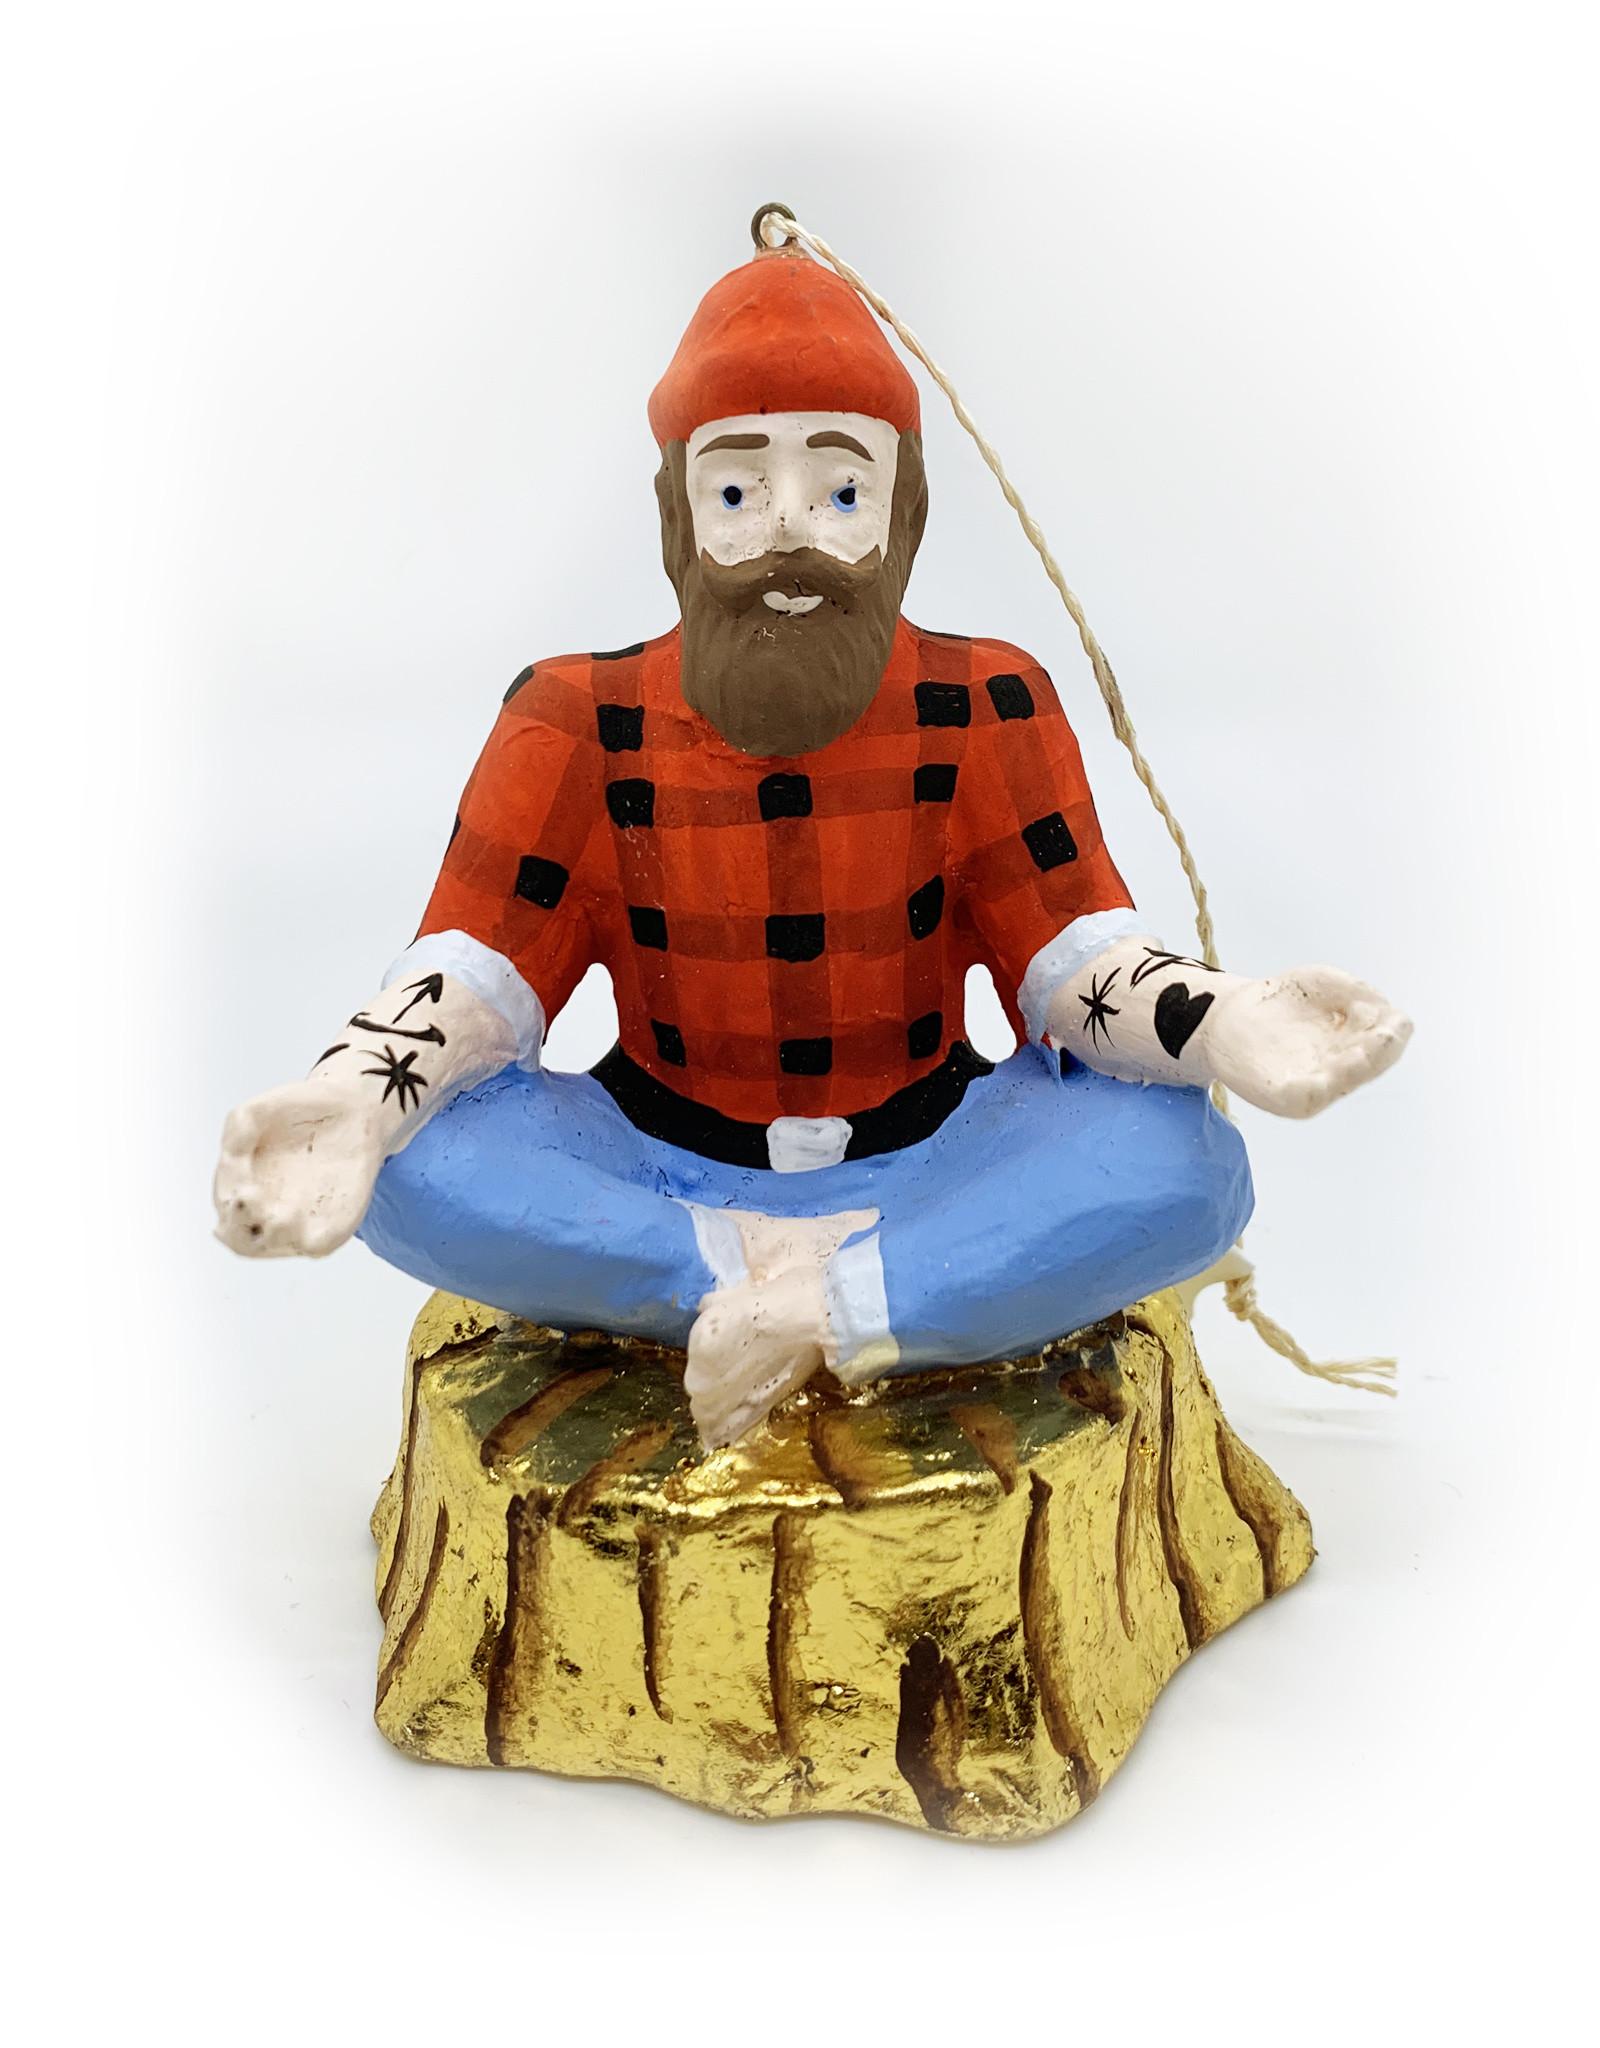 Meditating Lumberjack Ornament